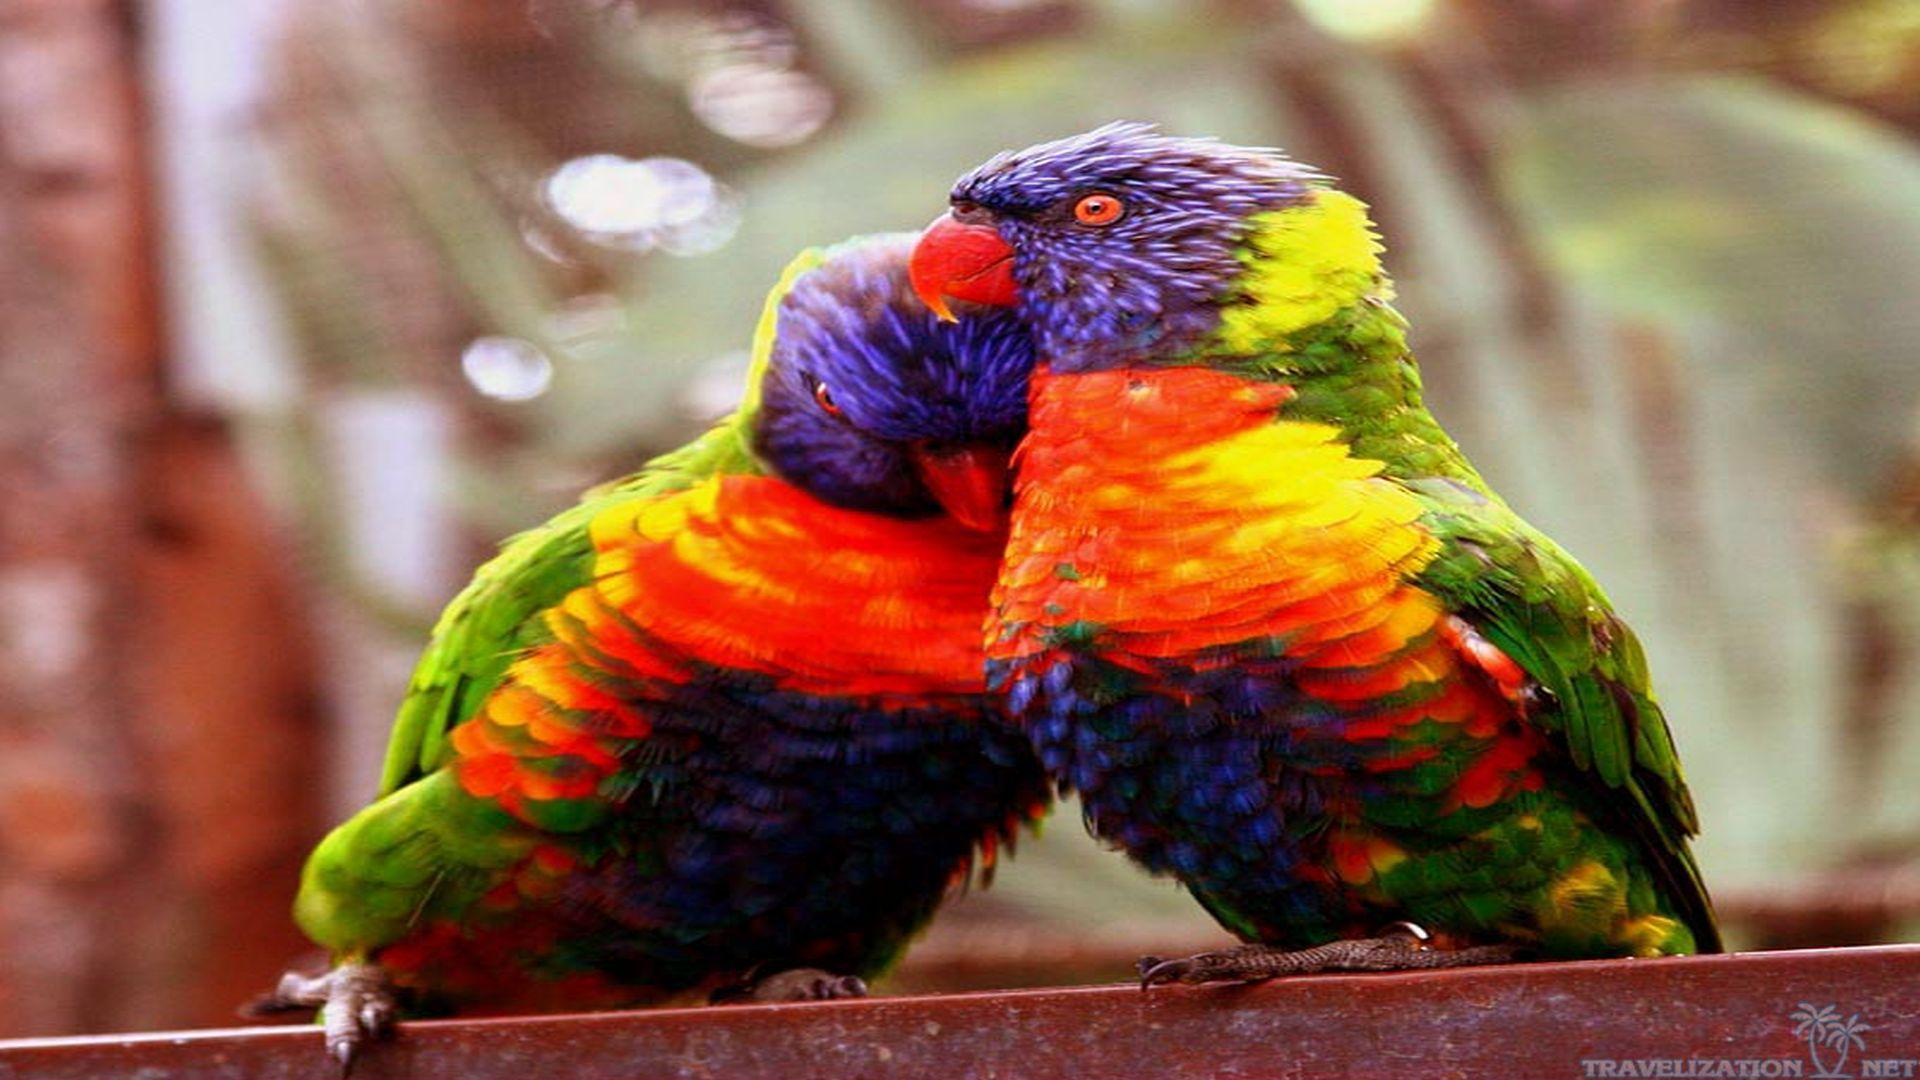 Wallpapers Love Birds Desktop Wallpapers: Images Of Love Birds Wallpapers (61 Wallpapers)